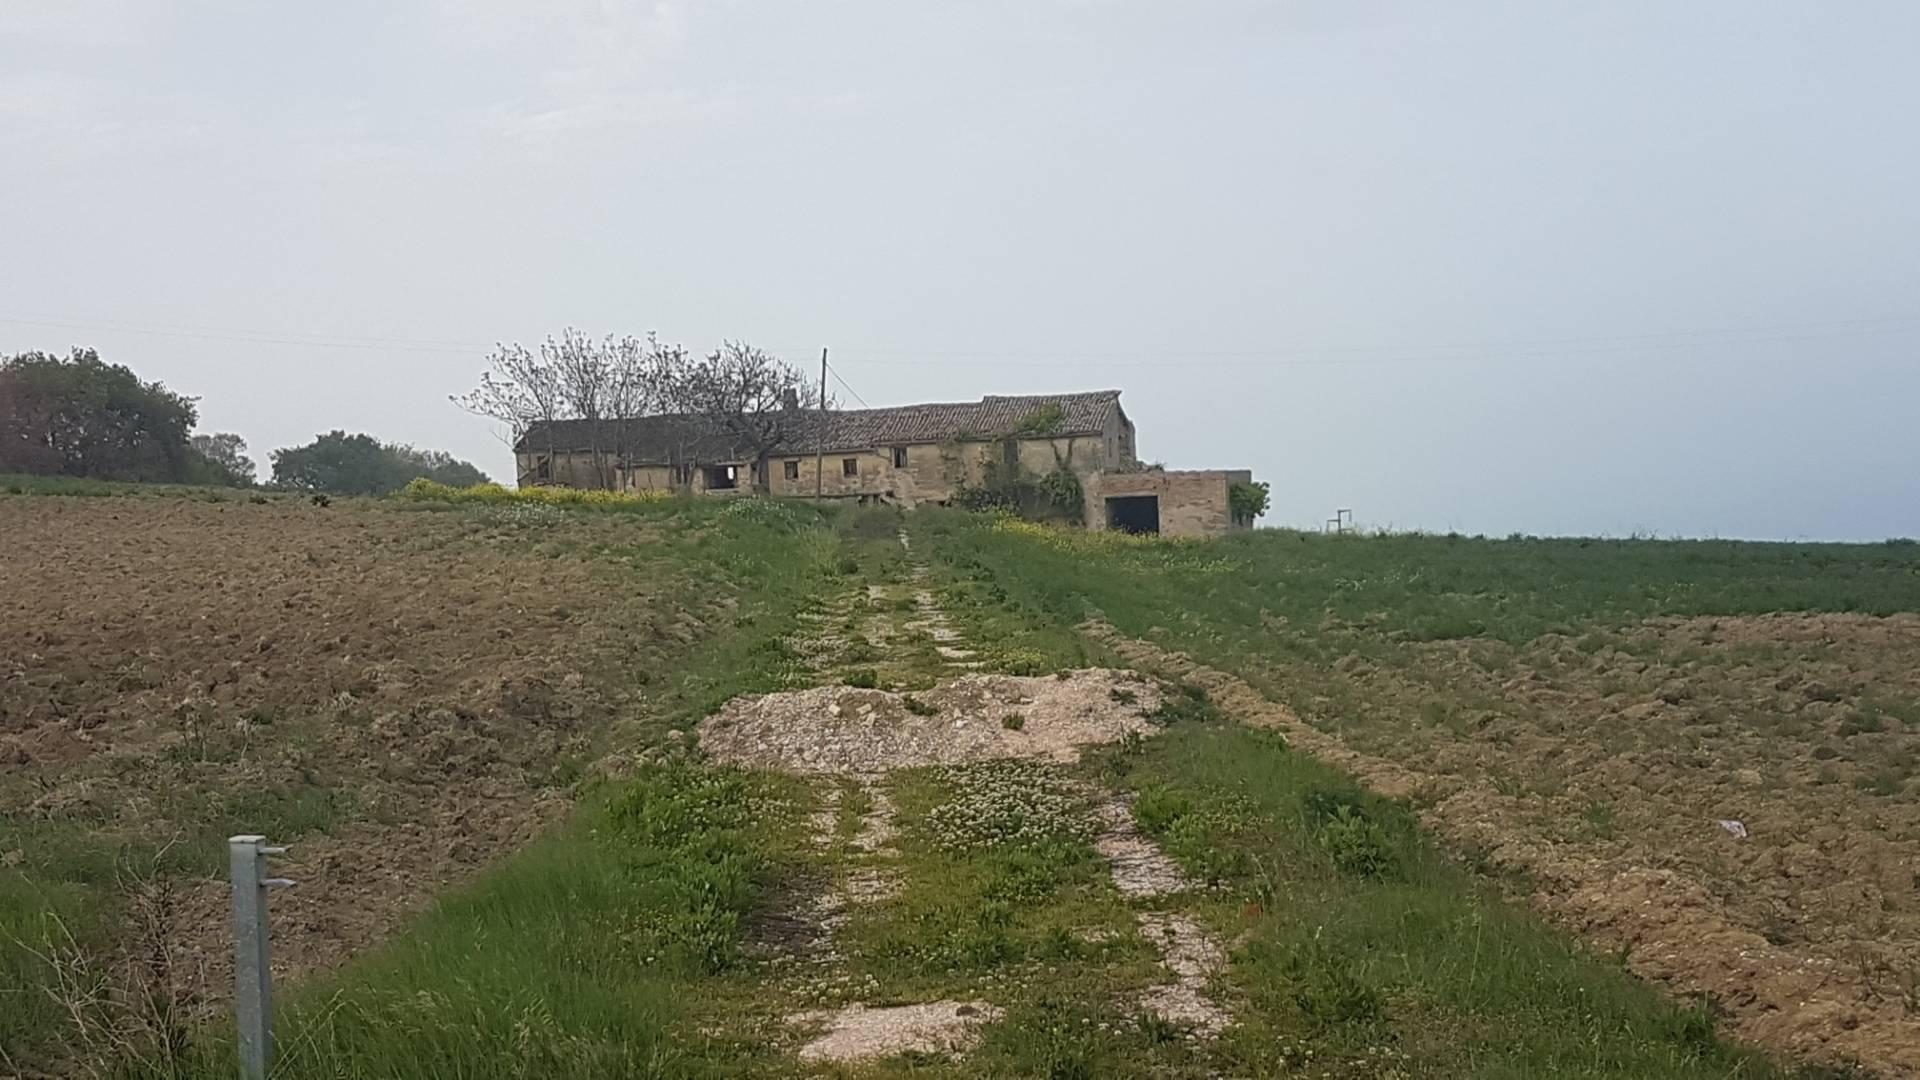 Rustico / Casale in vendita a Fermo, 12 locali, Trattative riservate | CambioCasa.it